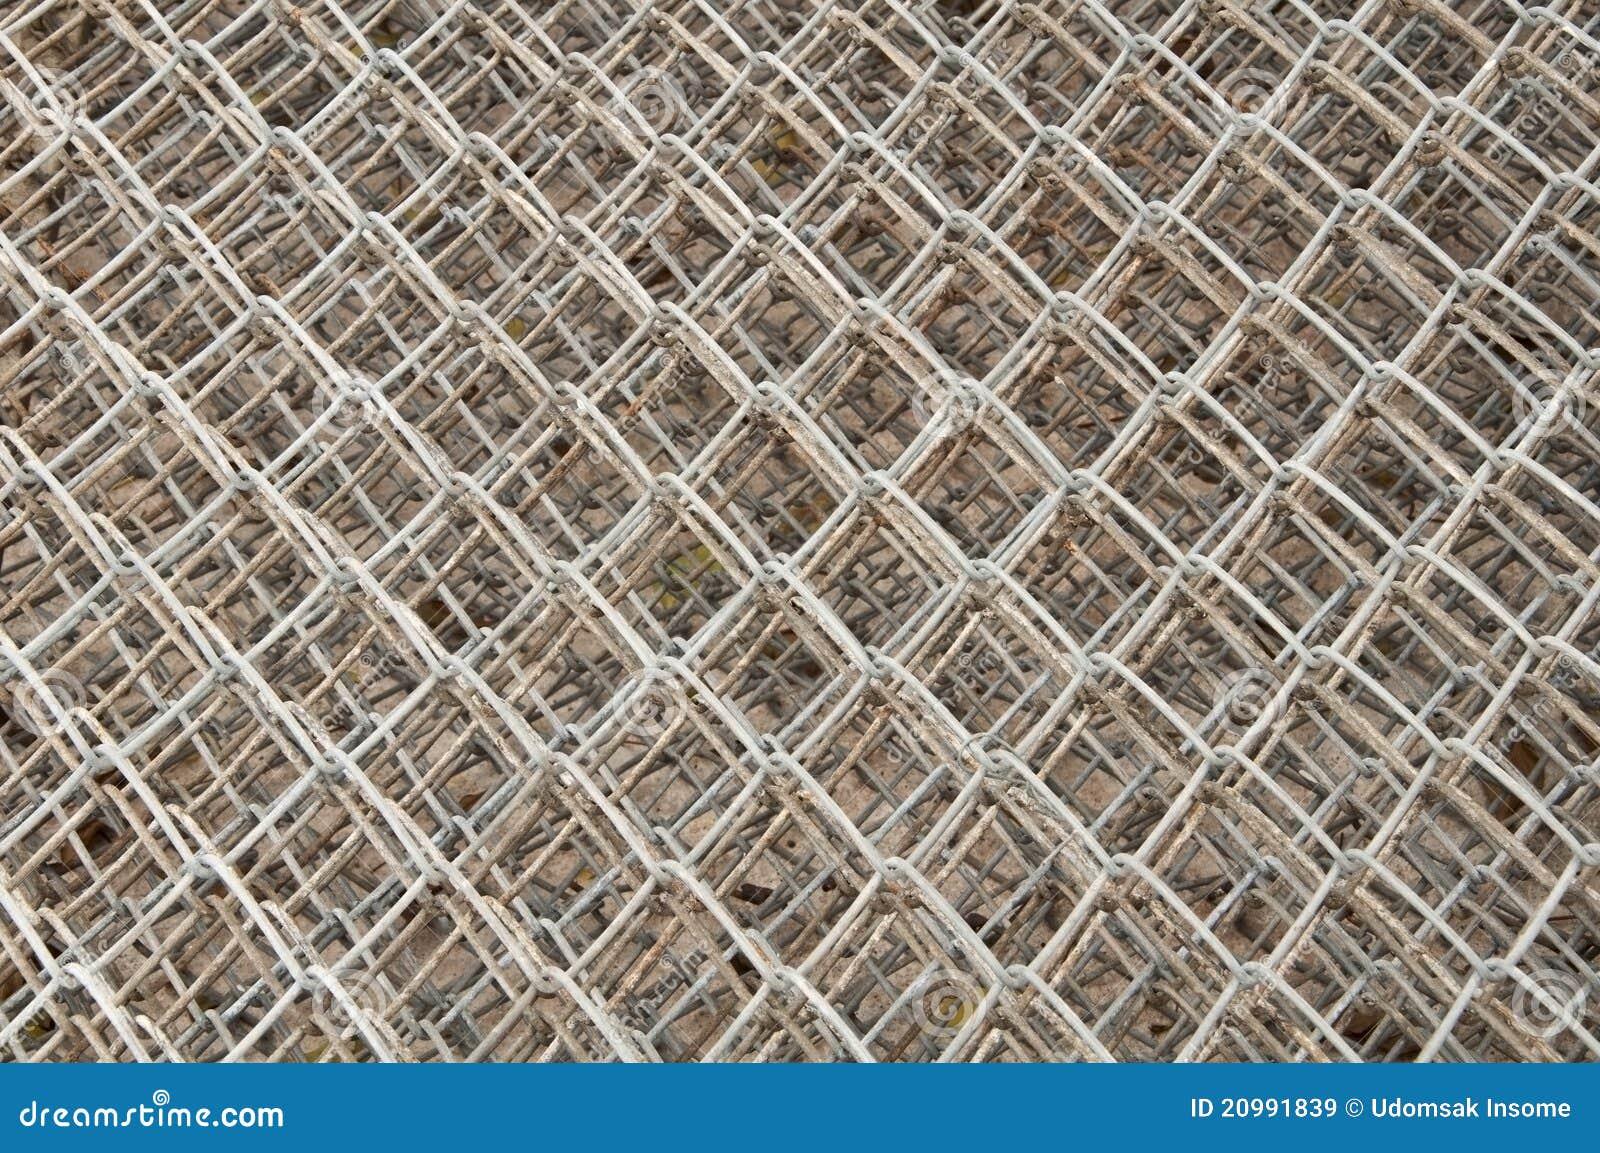 Rede de aço velha